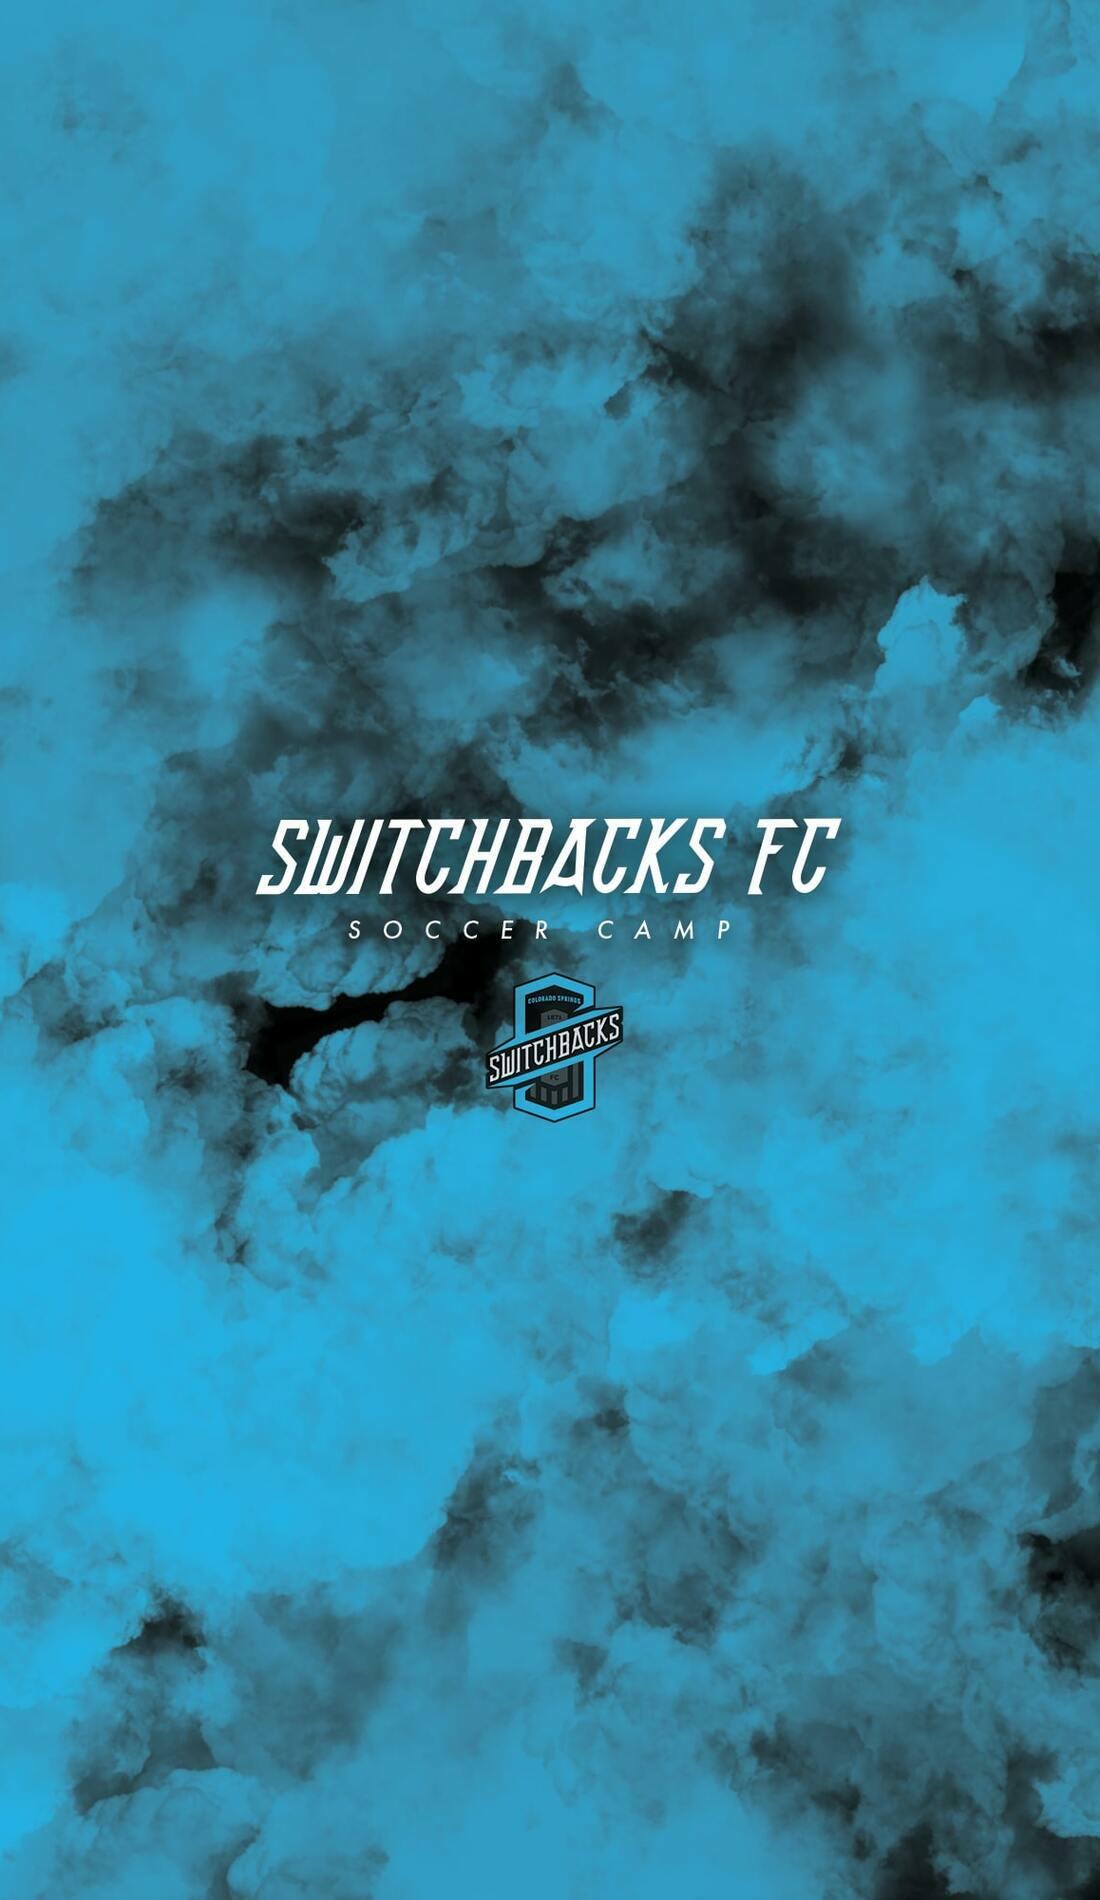 A Switchbacks Kids Soccer Camp live event